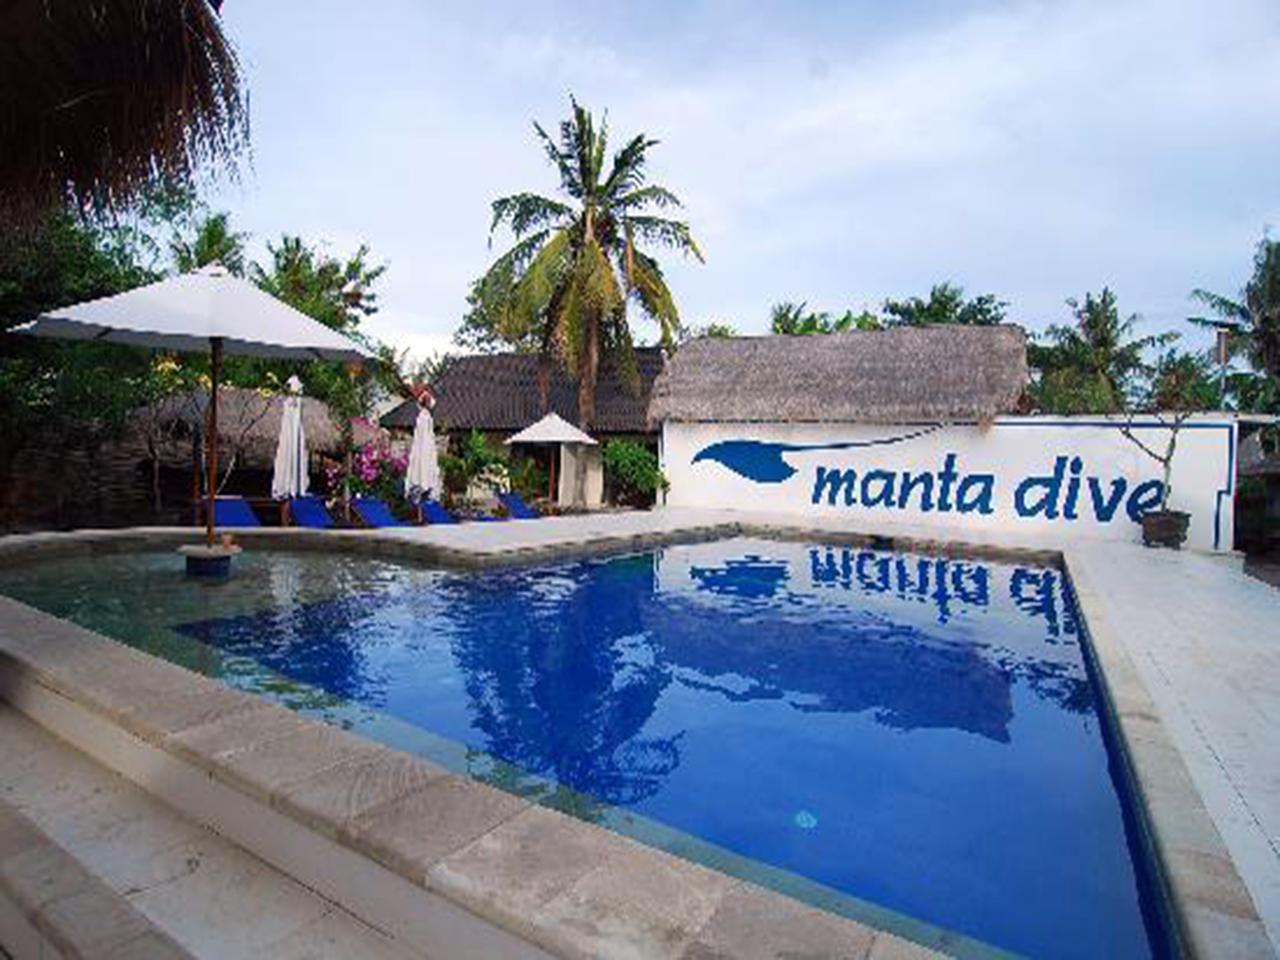 Manta dive gili air south bali resort south bali accommodation overview - Manta dive gili air resort ...